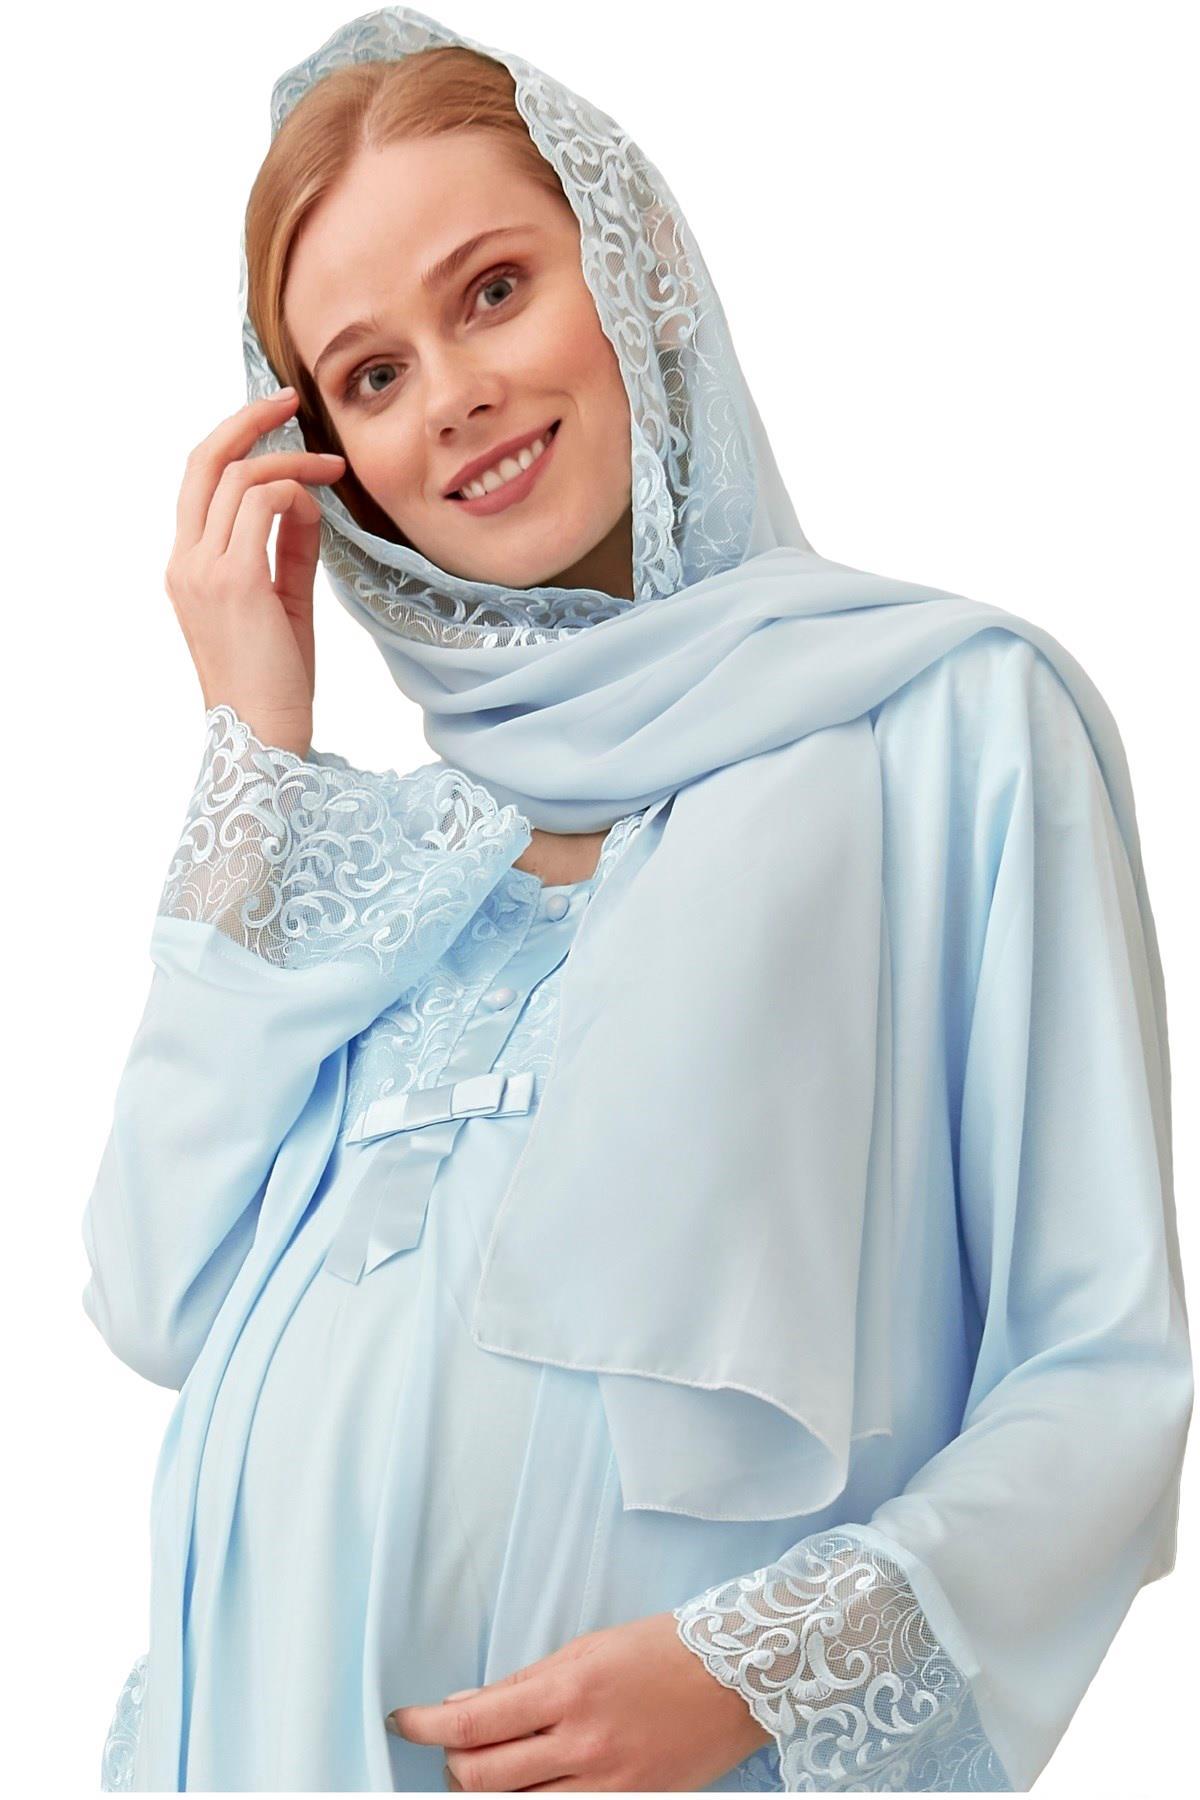 Mecit 016 Kadın Dantelli Şifon Şal Eşarp Mavi Renk